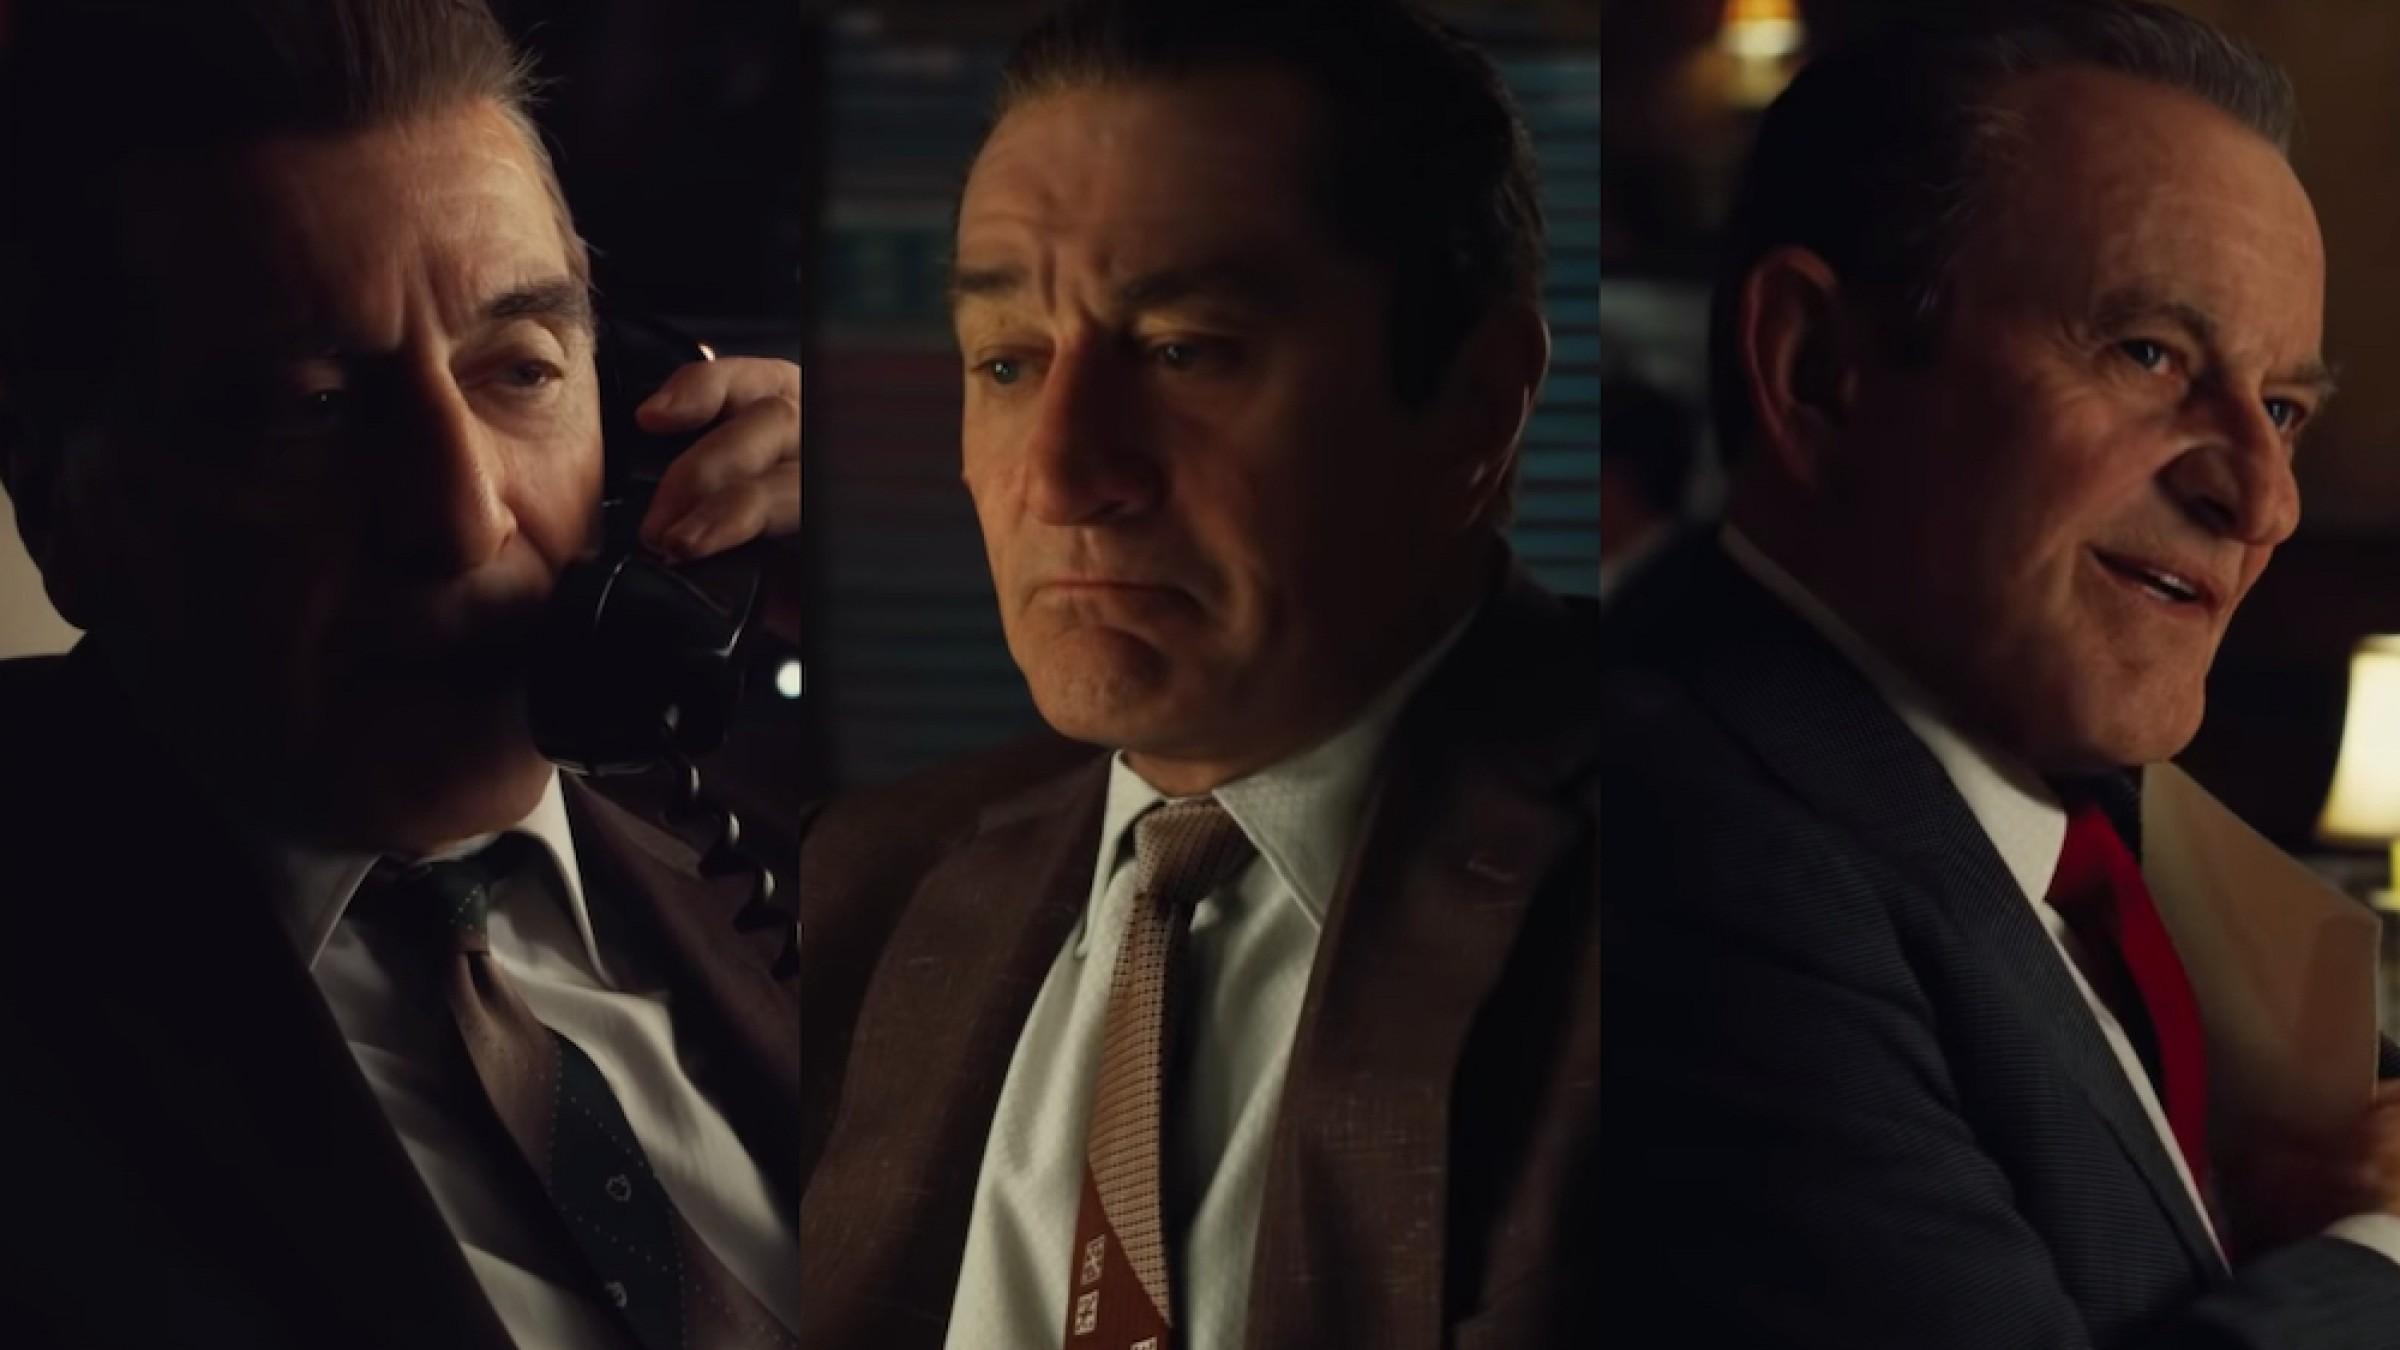 Anche solo questi tre signori valgono un anno di abbonamento  Netflix.